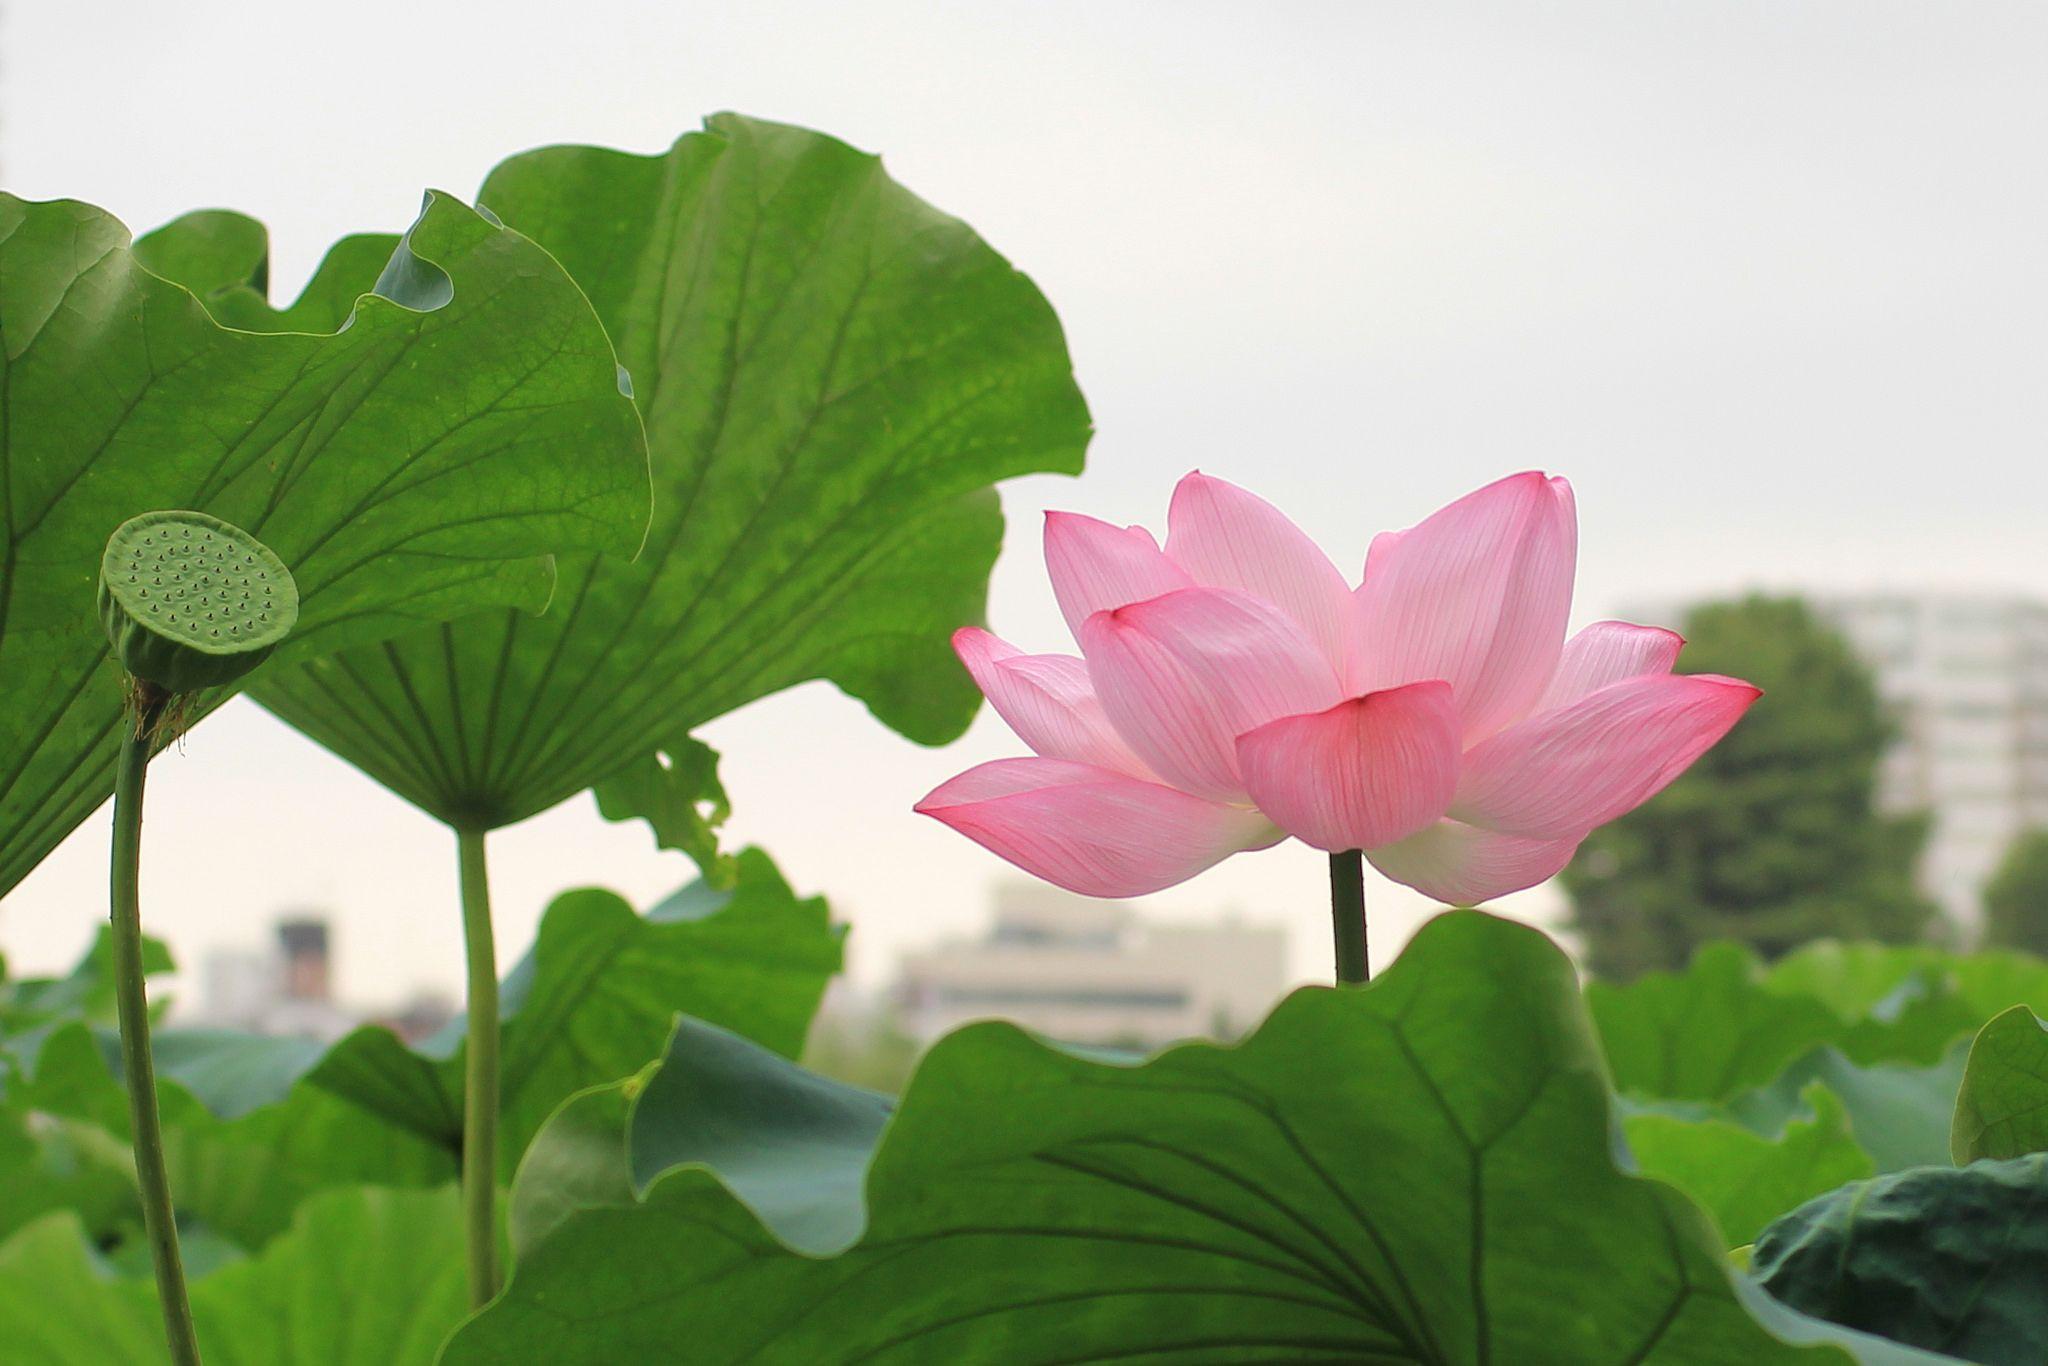 Lotus flower lotus pond and flowers lotus flowers pond buddha lotus blossoms izmirmasajfo